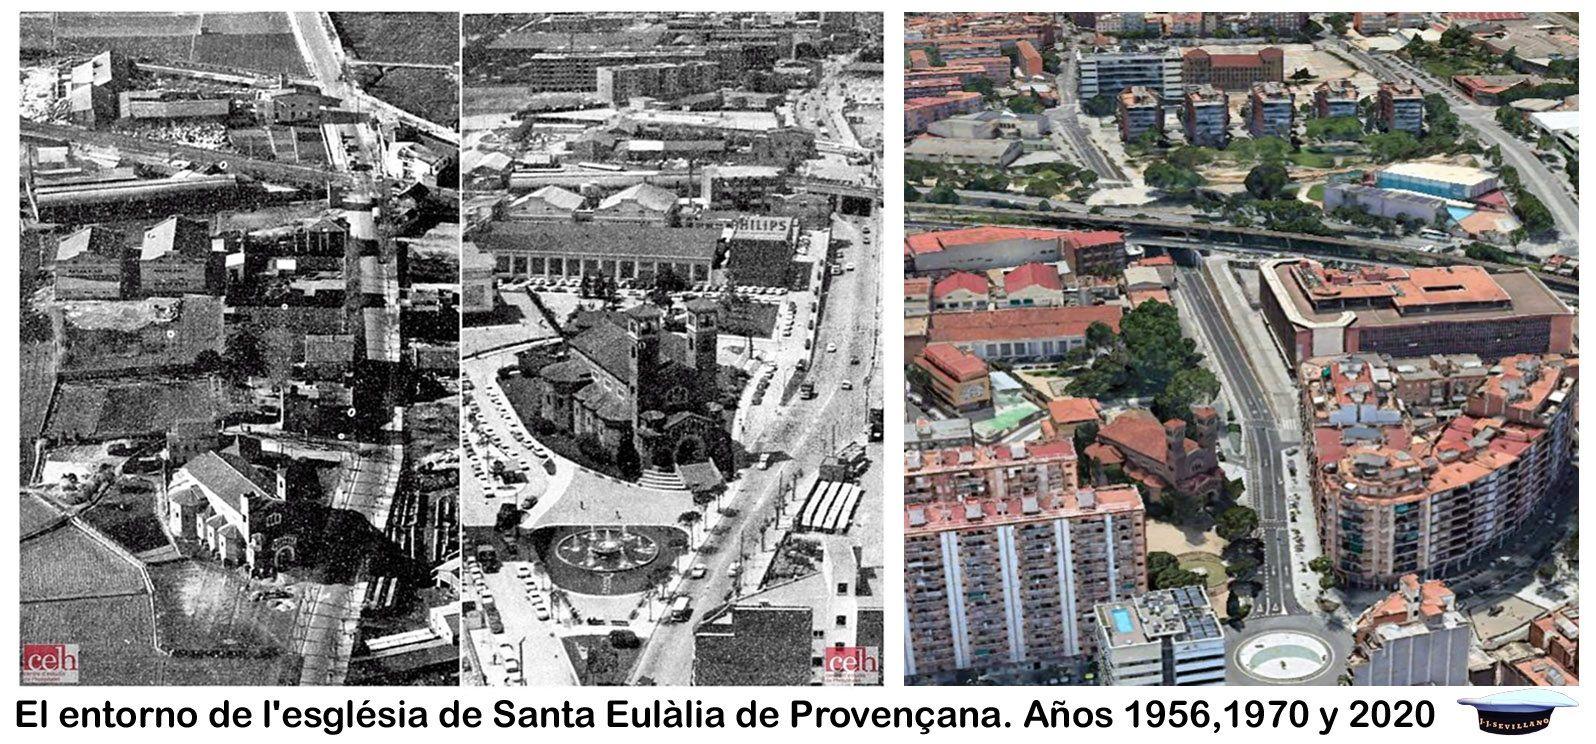 El Entorno De L Església De Santa Eulàlia De Provençana Años 1956 1970 Y 2020 Focos